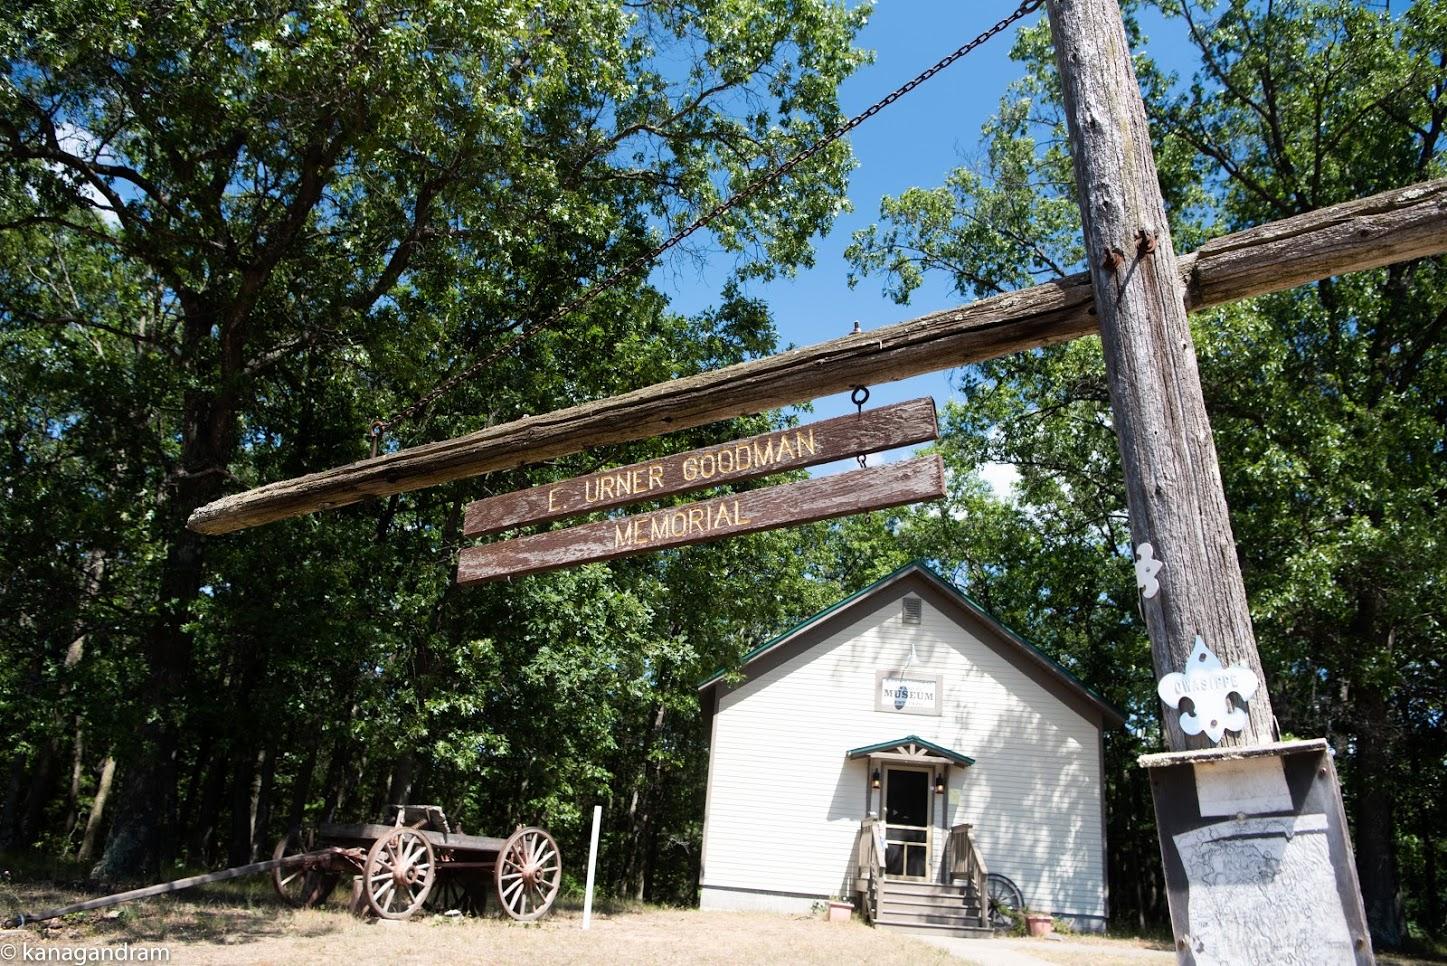 E. Urner Goodman Memorial Scout Museum